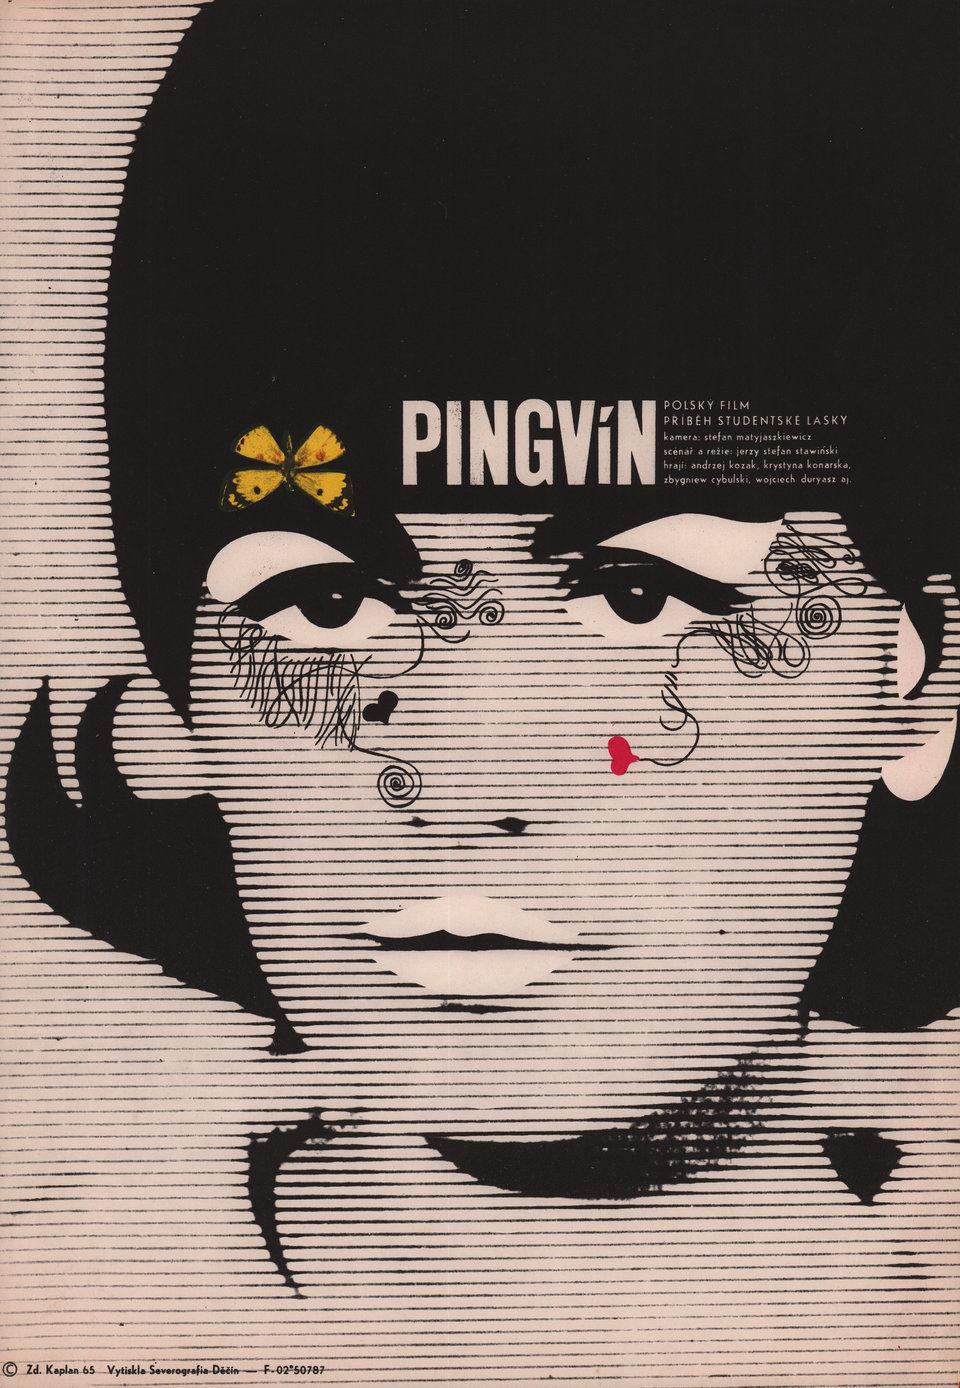 pingwin-1965-original-czech-movie-poster